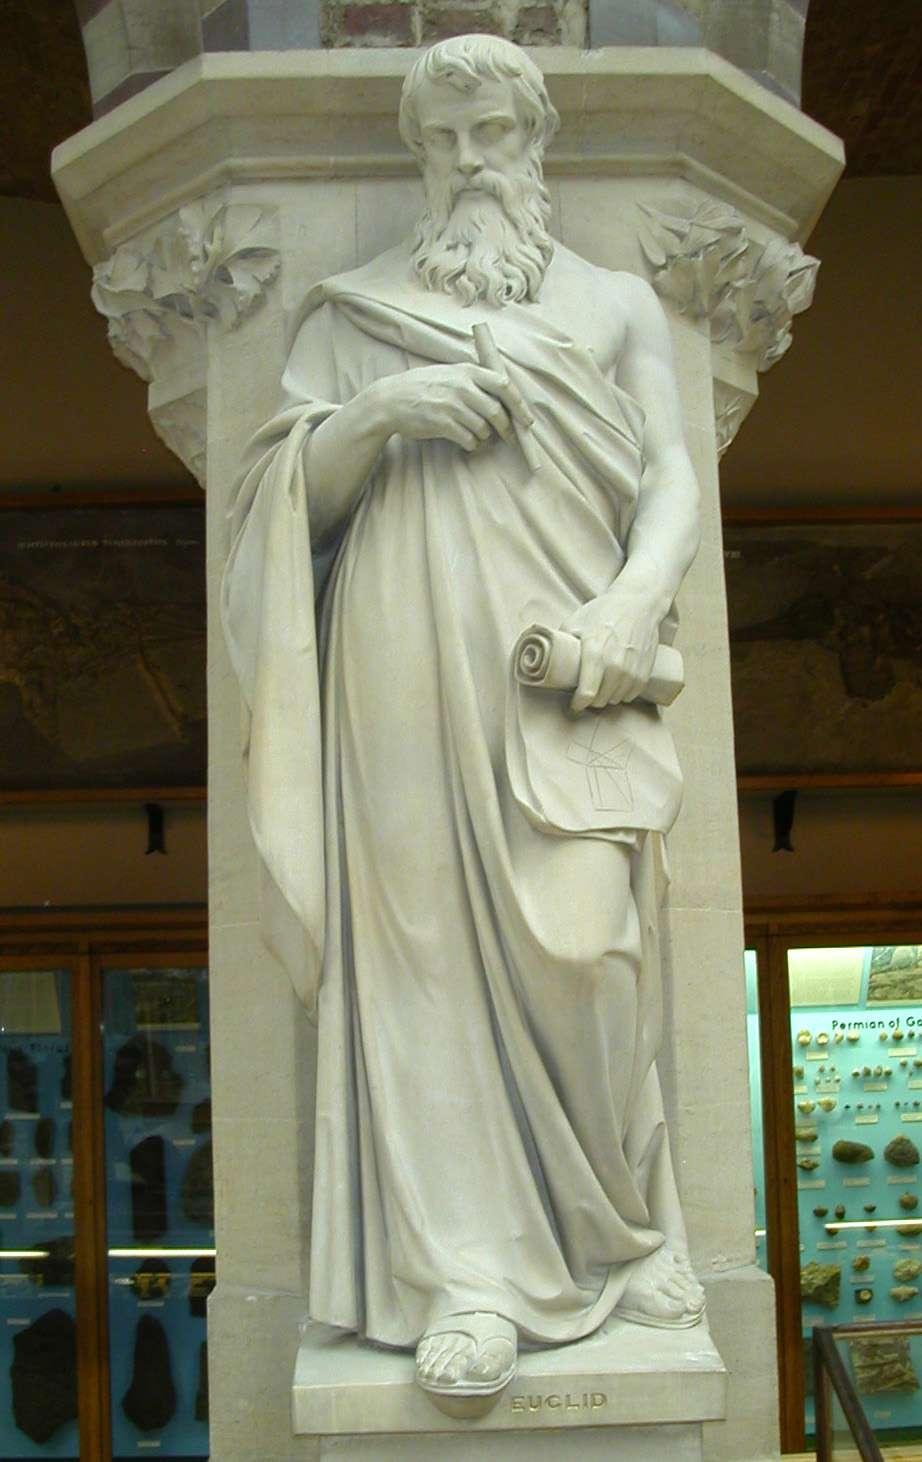 Άγαλμα του Ευκλείδη στο Πανεπιστήμιο της Οξφόρδης. Μουσείο Φυσικής Ιστορίας